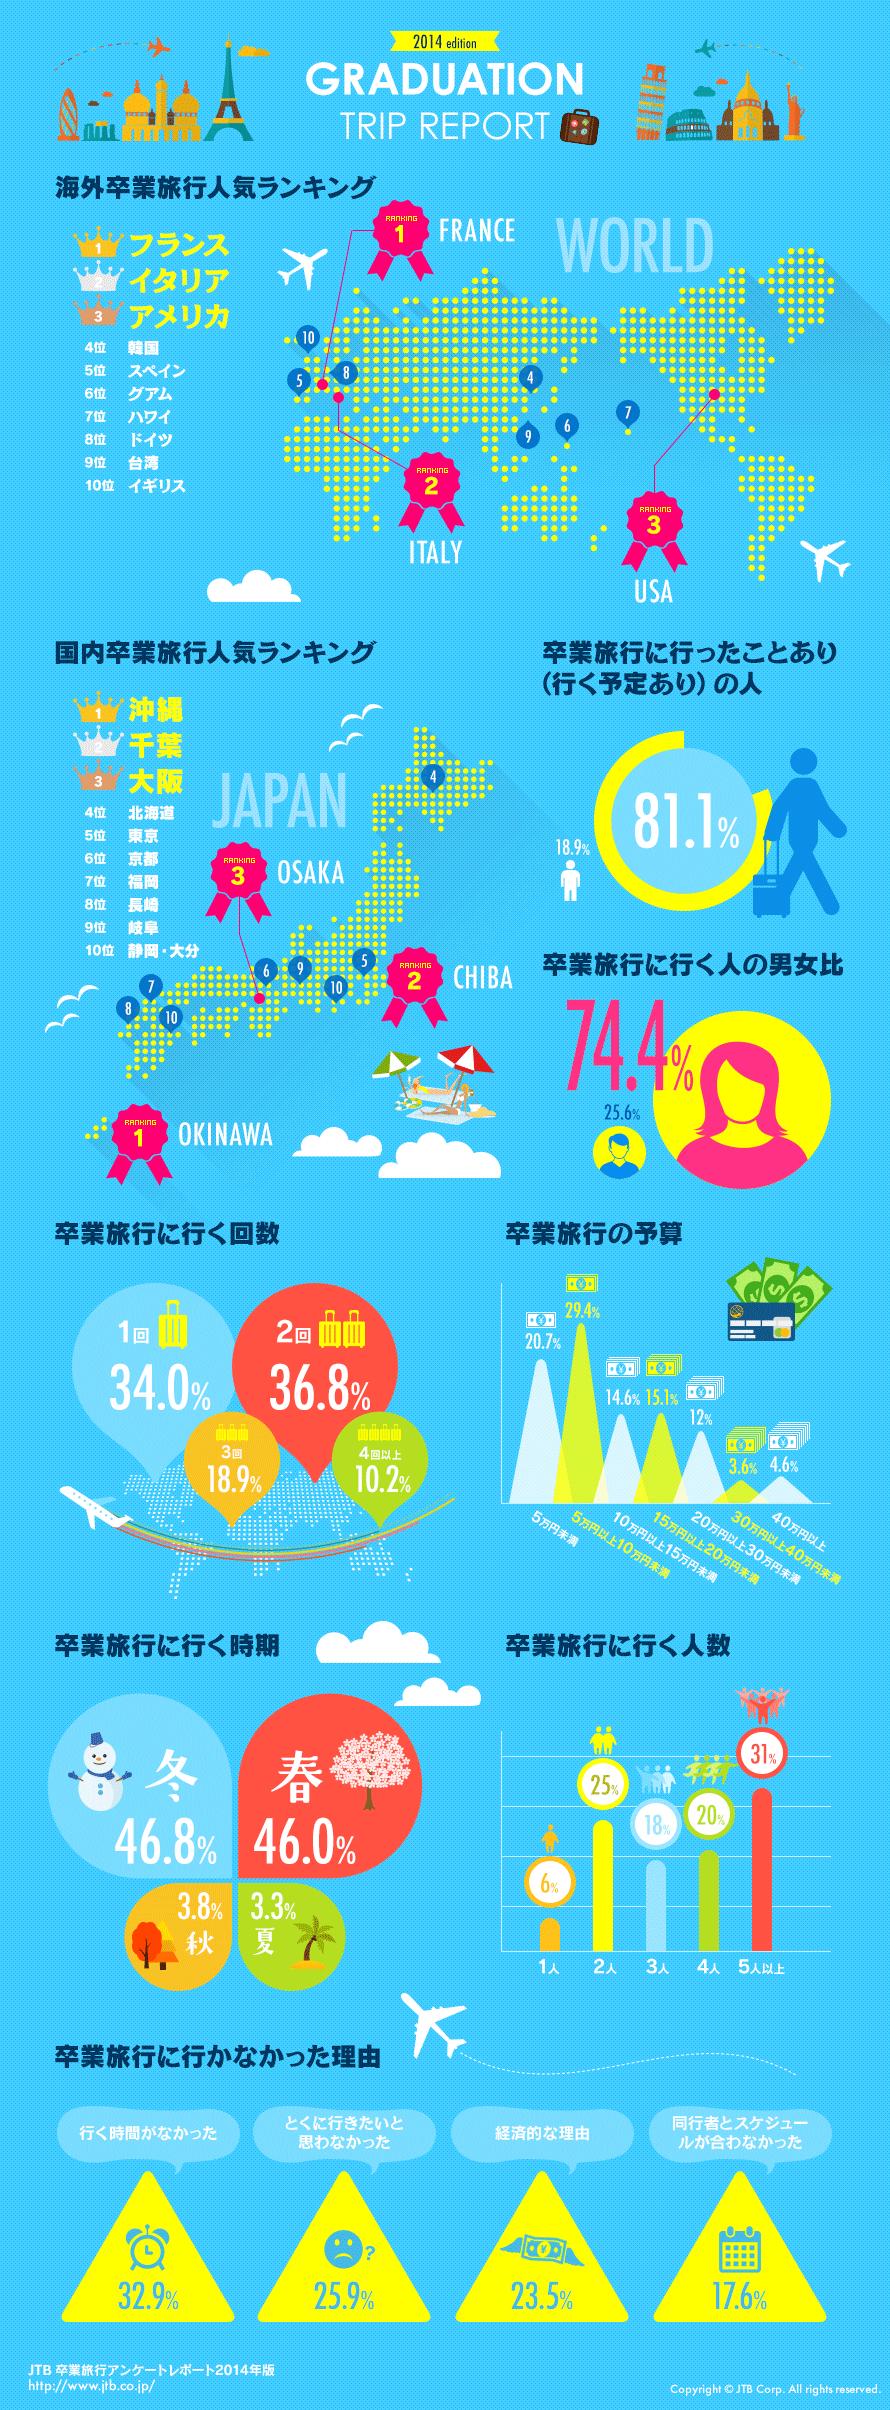 卒業旅行先人気ランキング。海外はヨーロッパ、国内は沖縄が人気を表すインフォグラフィック